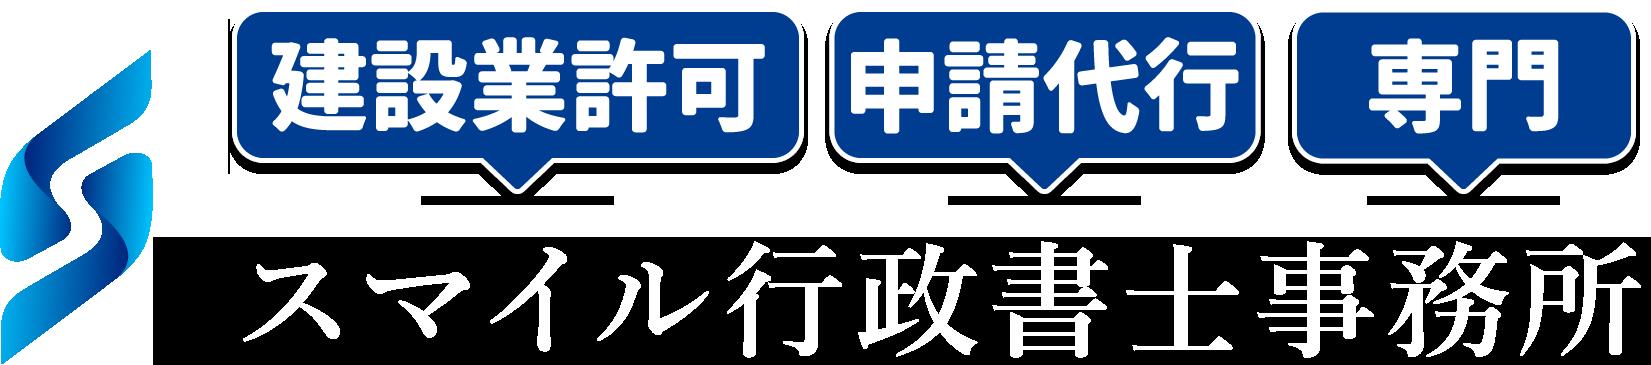 大阪の建設業許可申請代行|スマイル行政書士事務所